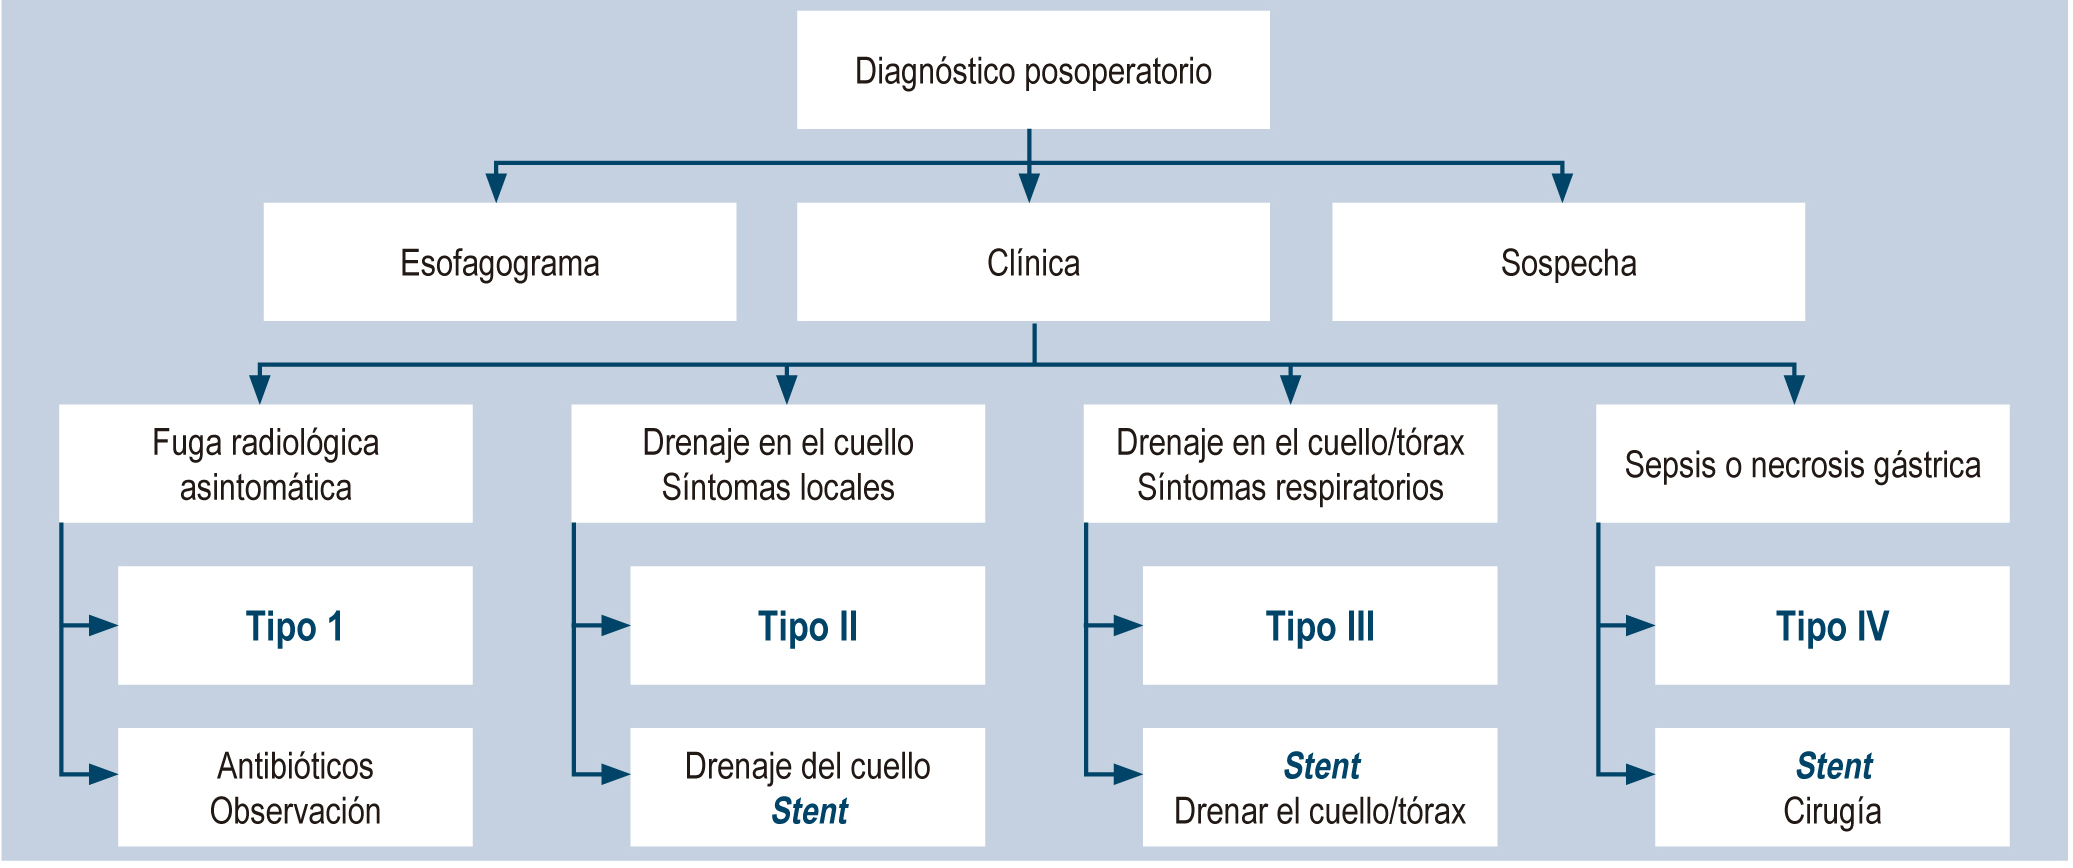 Figura 1. Algoritmo para el diagnóstico y manejo de las fístulas esofagogástricas posoperatorias